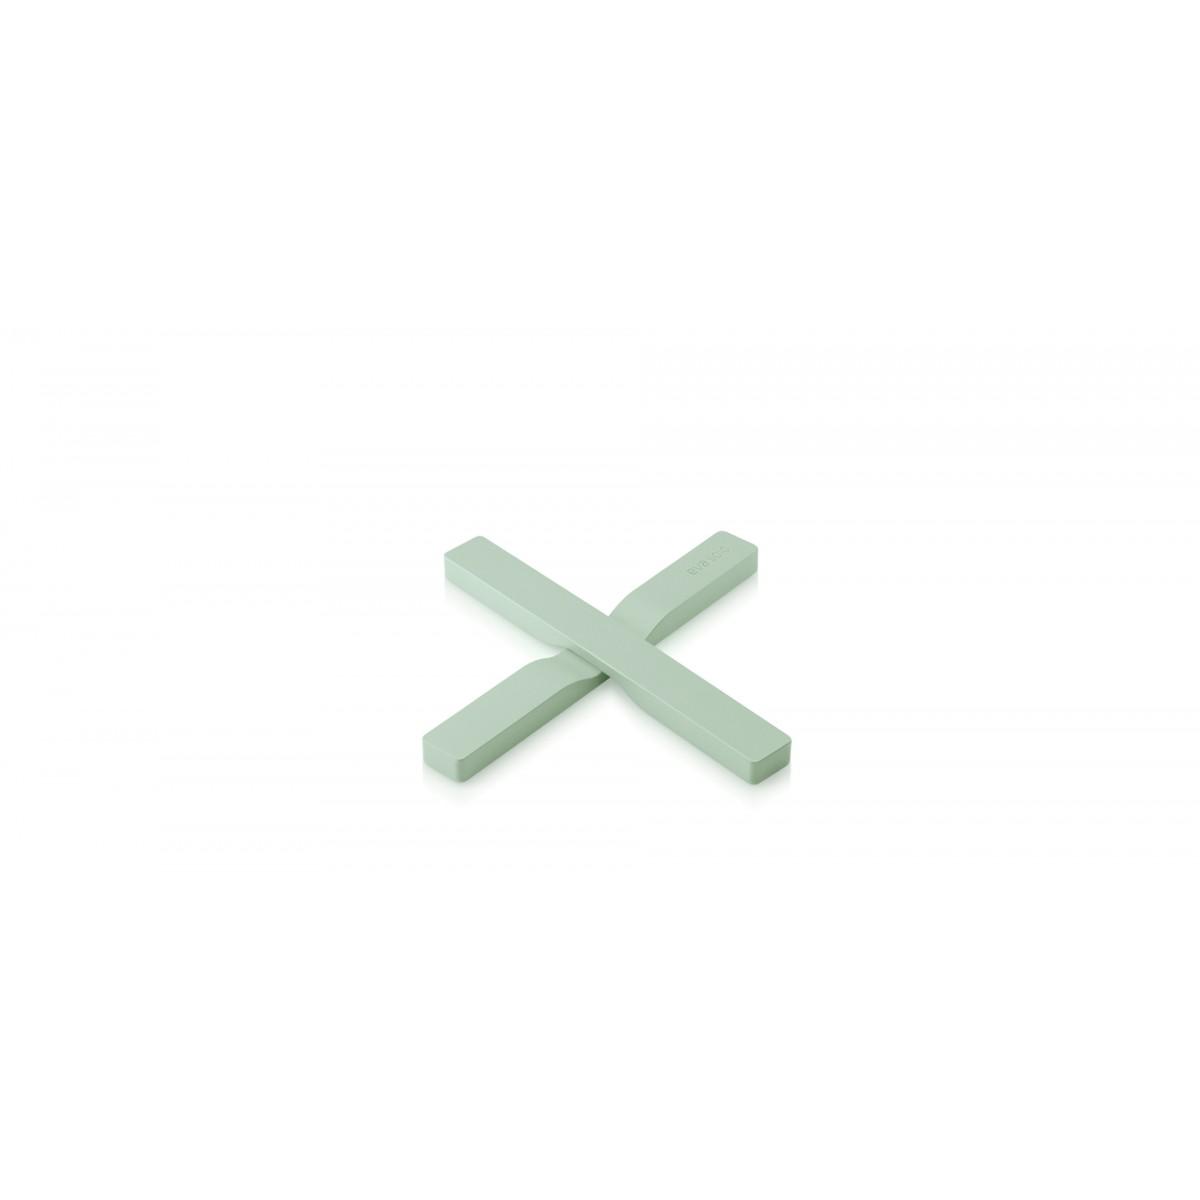 EVA SOLO Magnetisk bordskåner - eucalyptus green